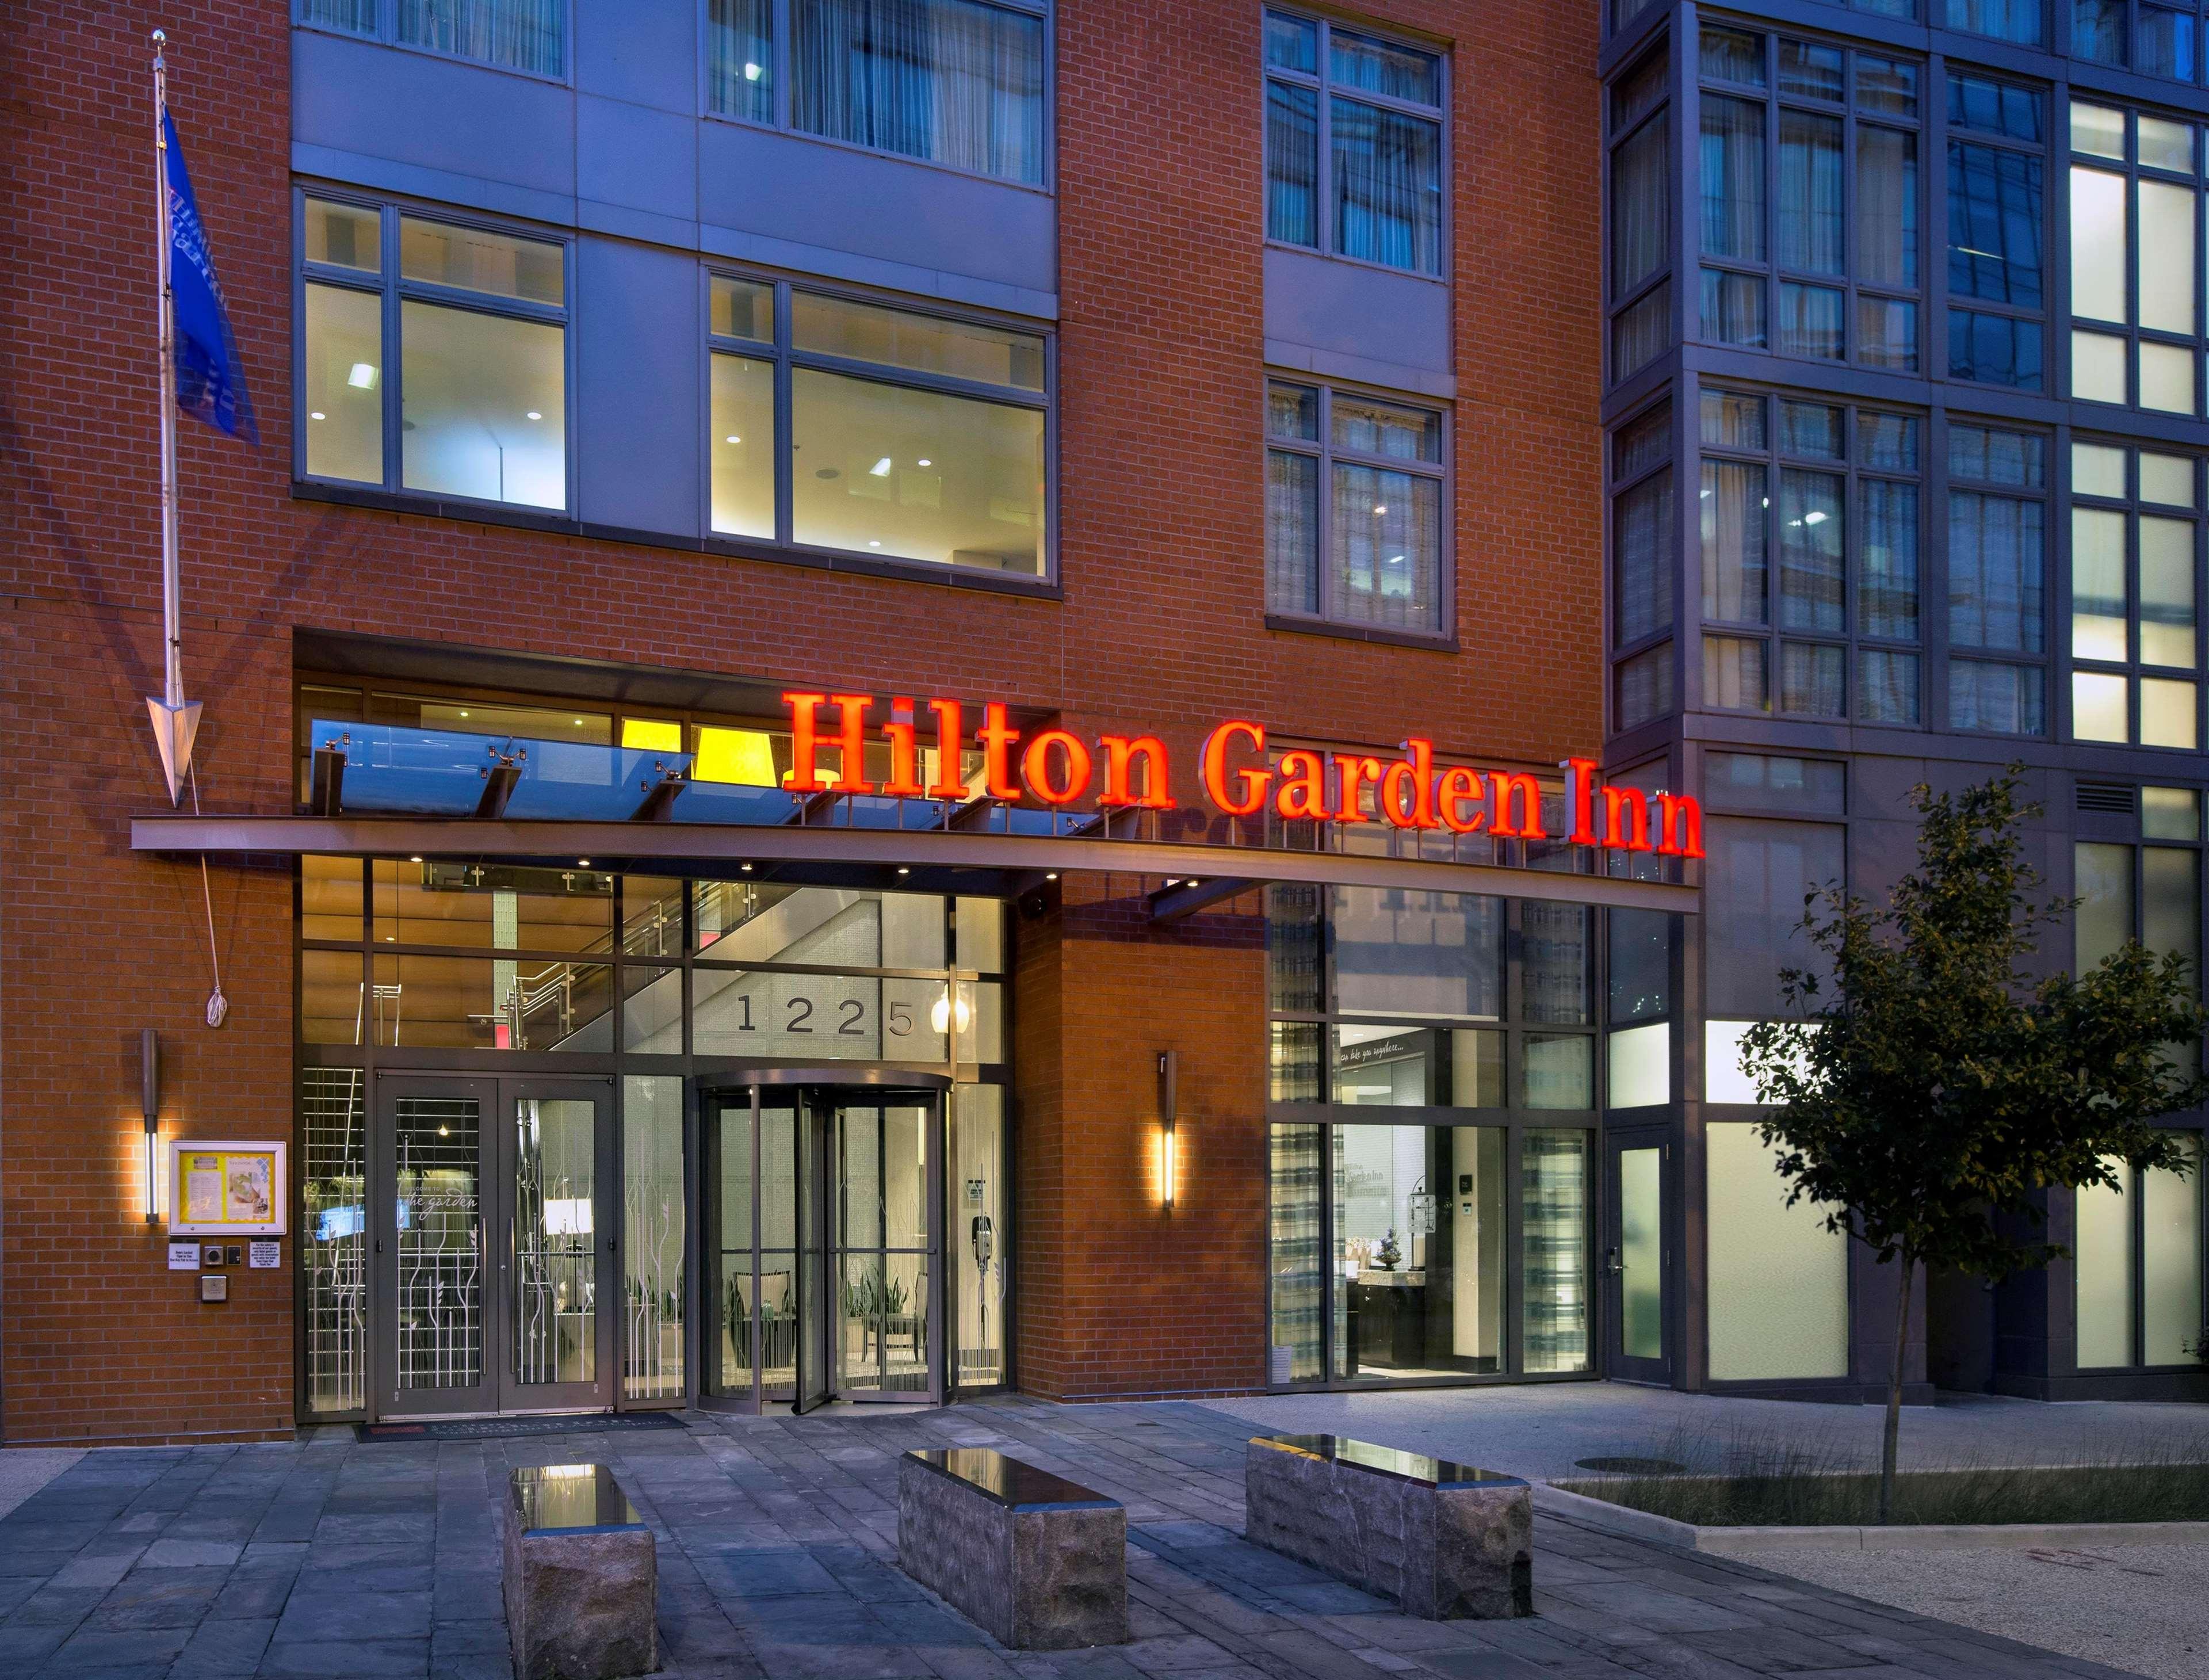 Hilton Garden Inn Washington Dc U S Capitol In Washington Dc 20002